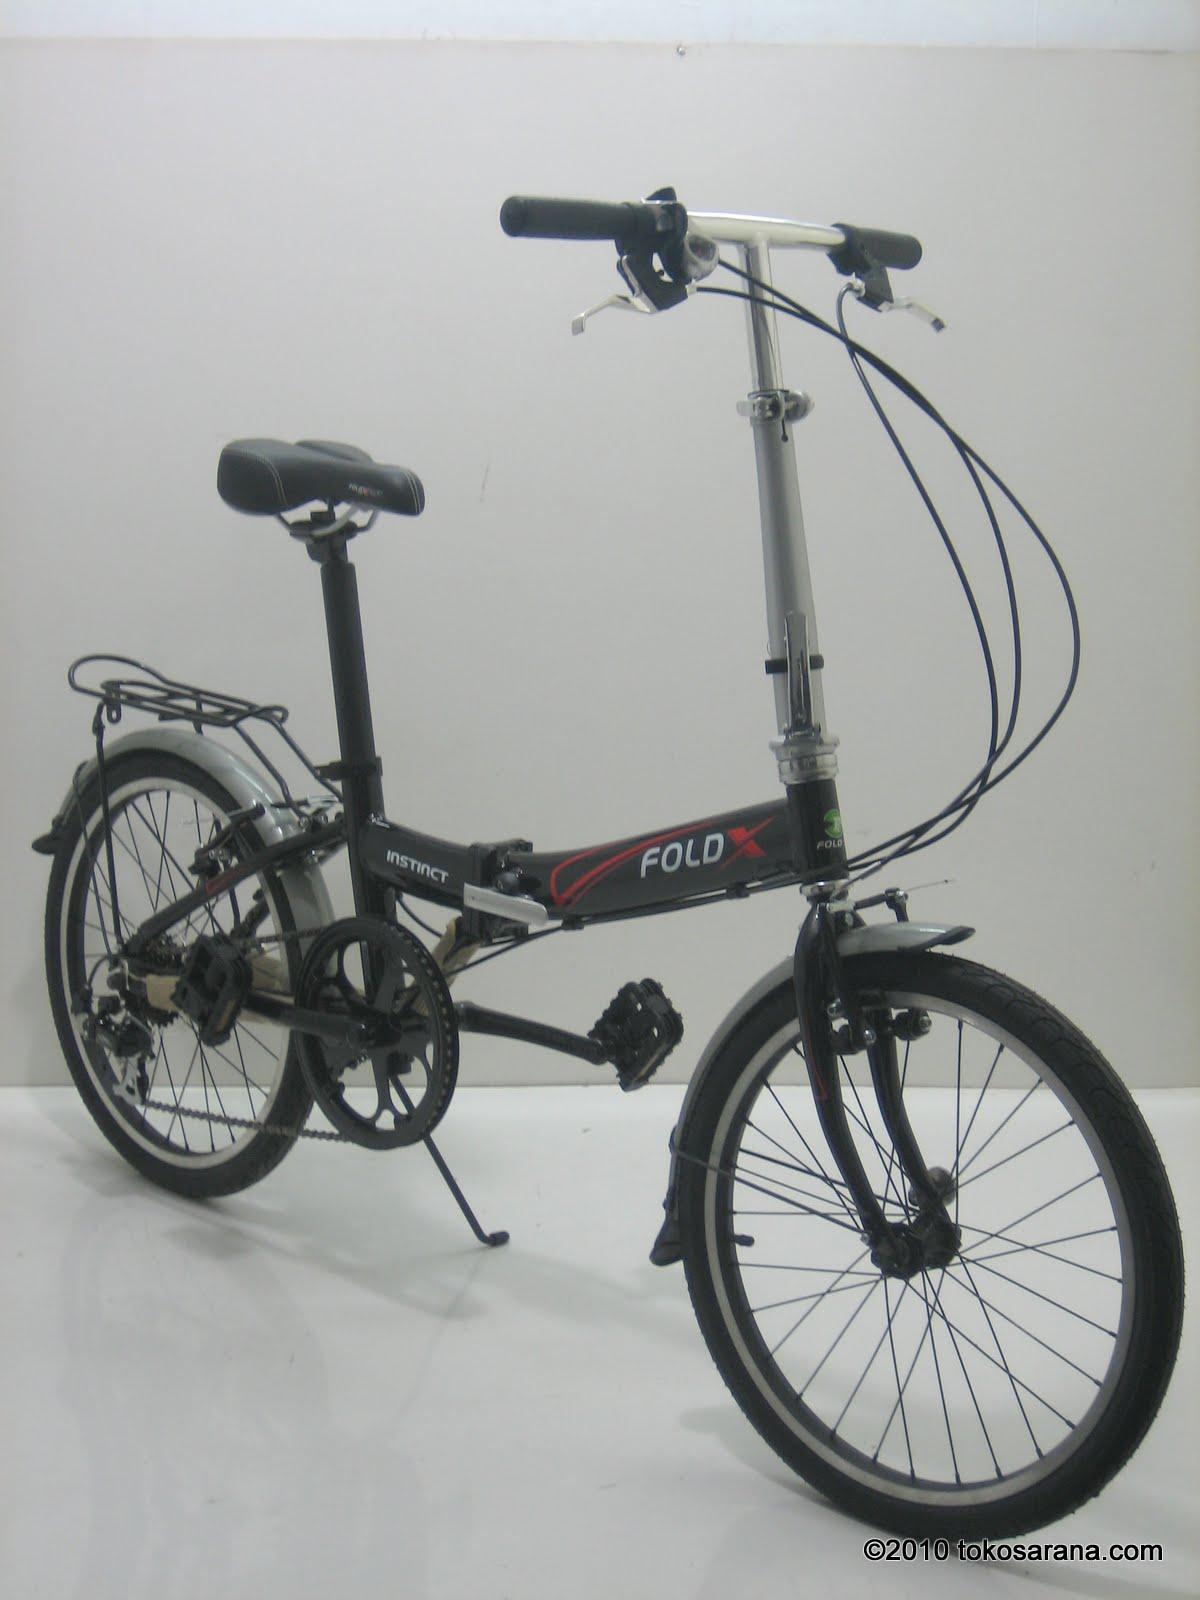 BINTANG HARAPAN: Sepeda Lipat FOLD-X INSTINCT 20 Inci